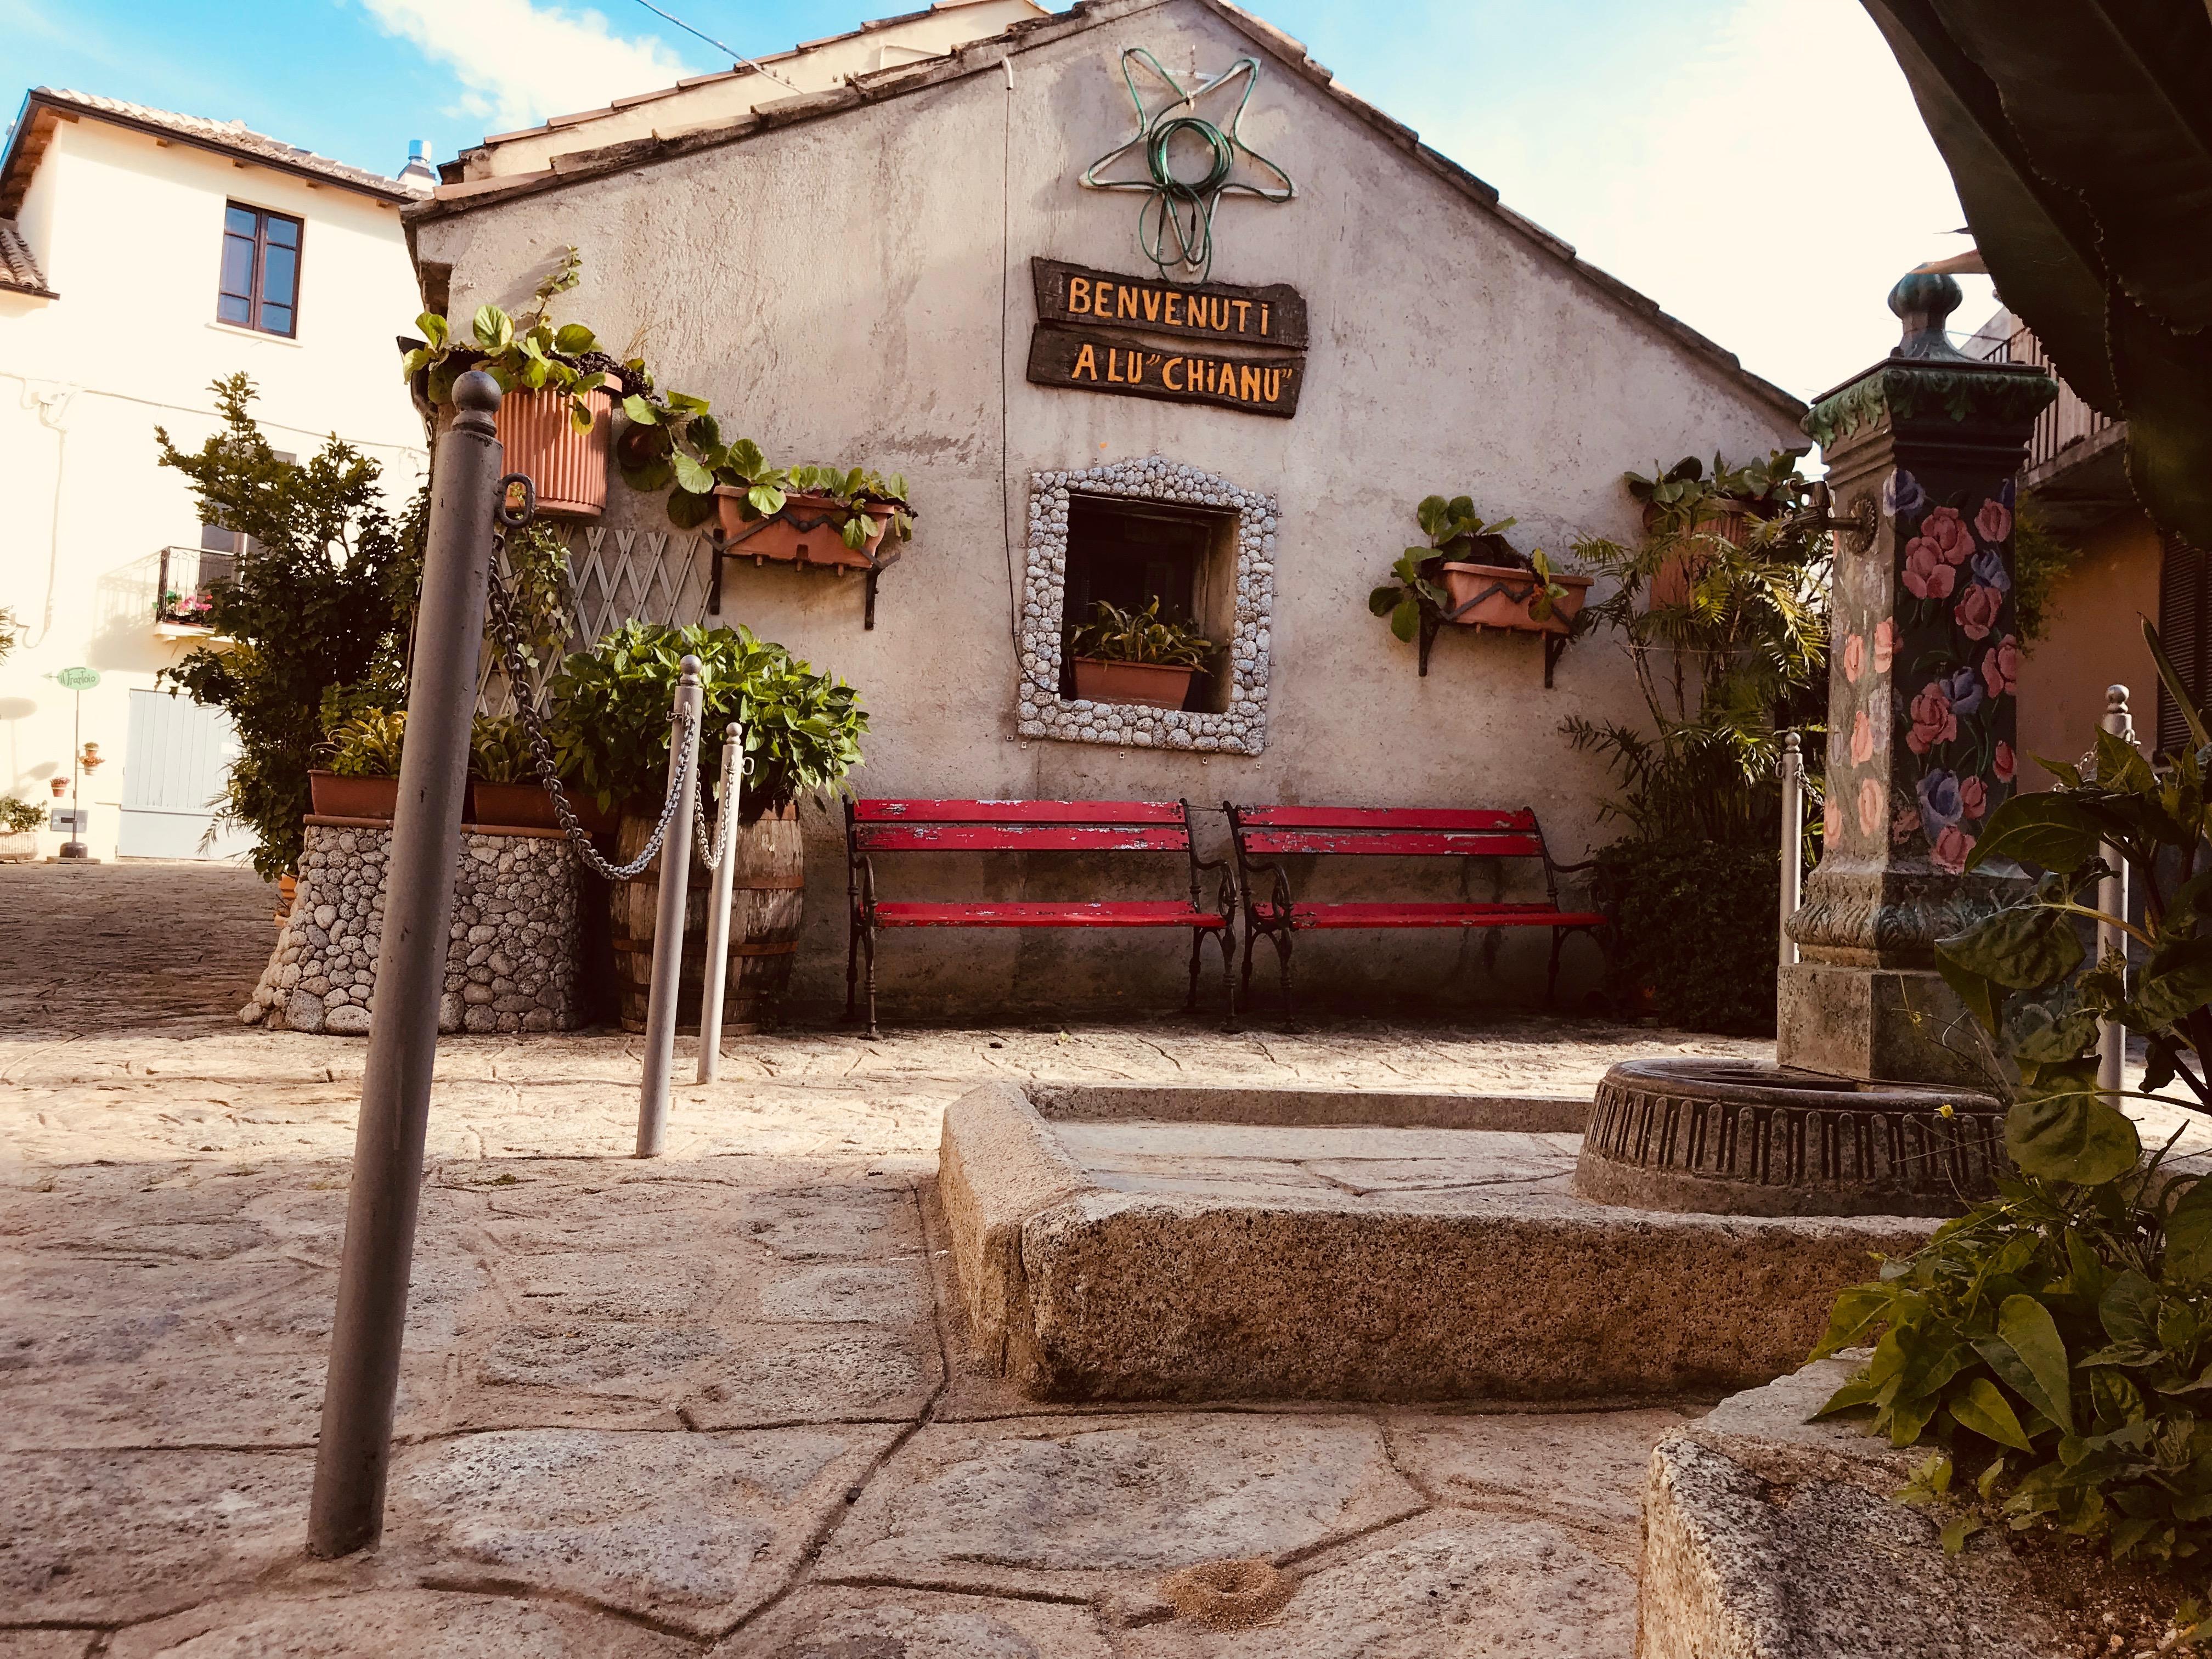 Centro storico Soverato Borgo u Chianu